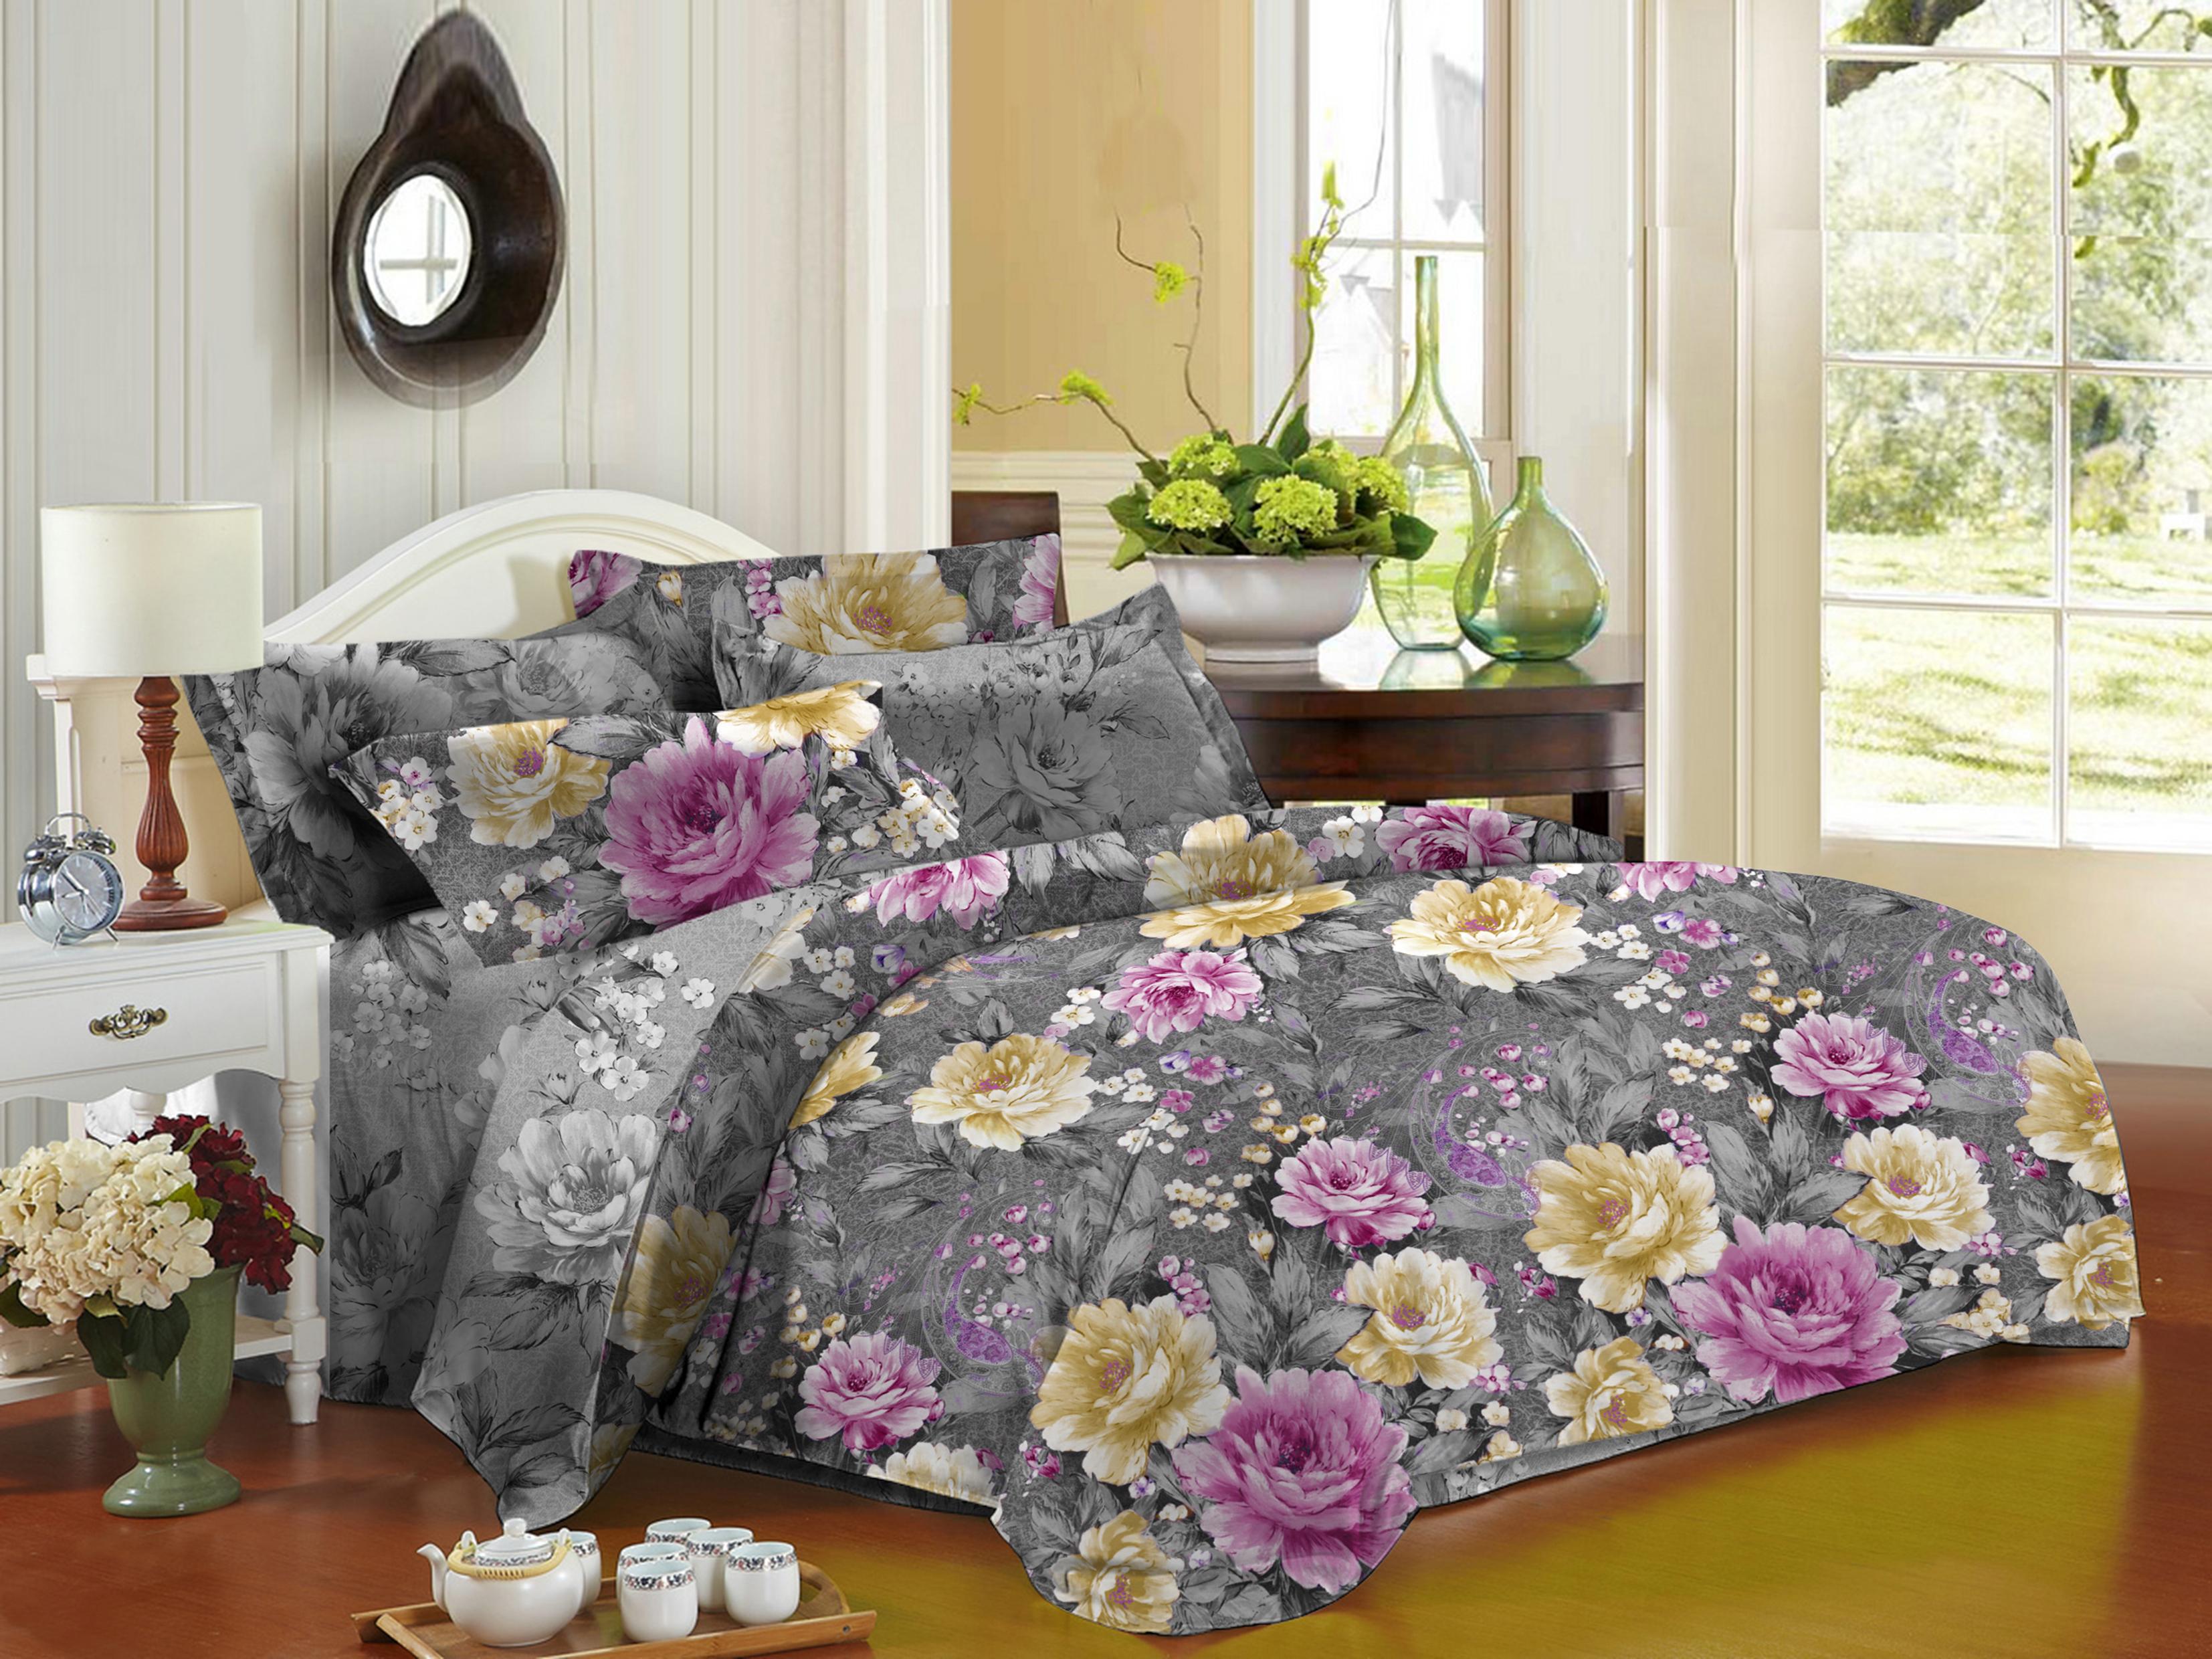 Комплекты постельного белья Guten Morgen gmg672795